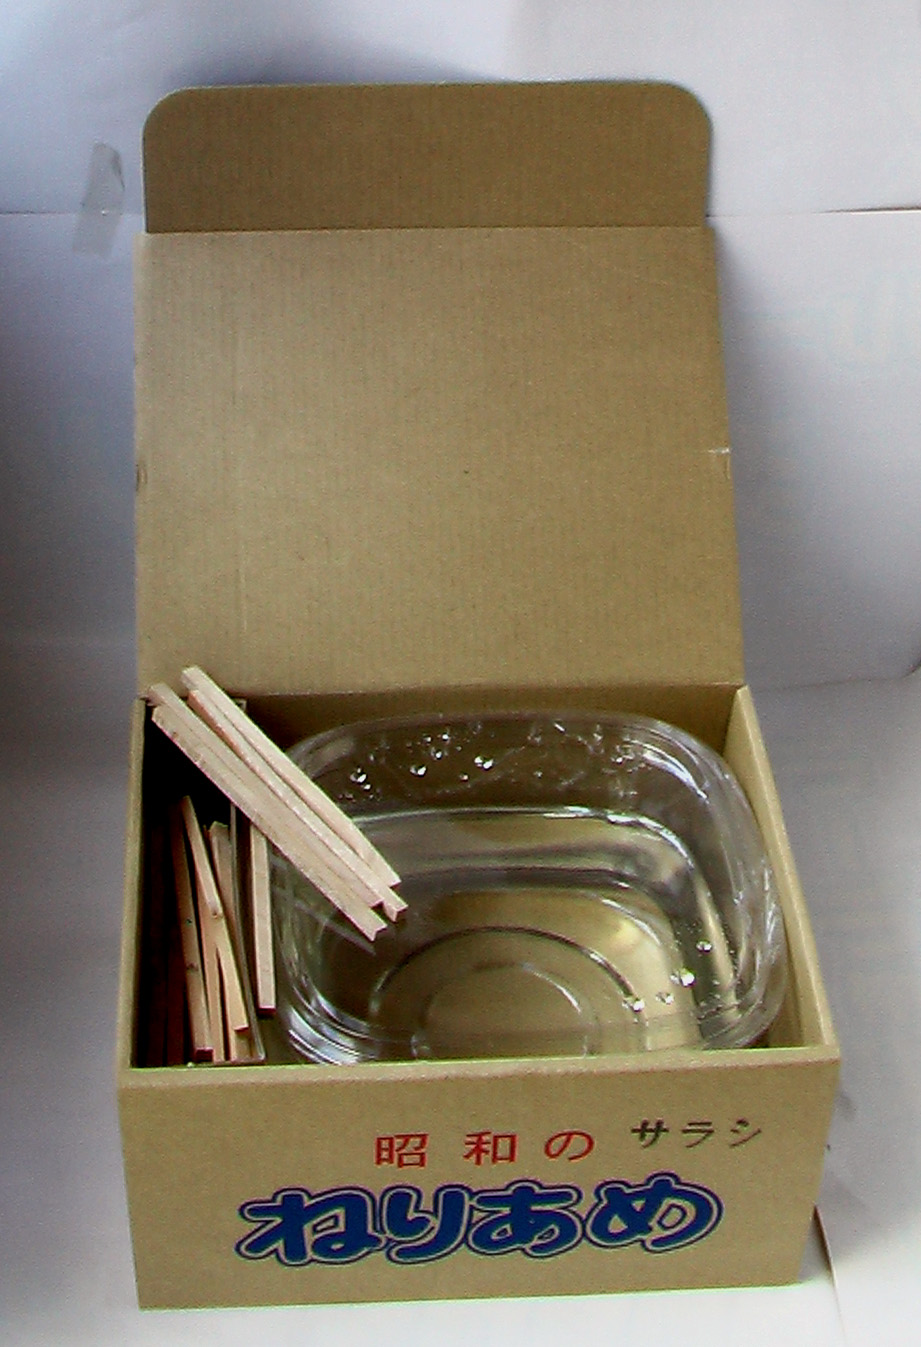 ねり水あめ(1.3kg入り)